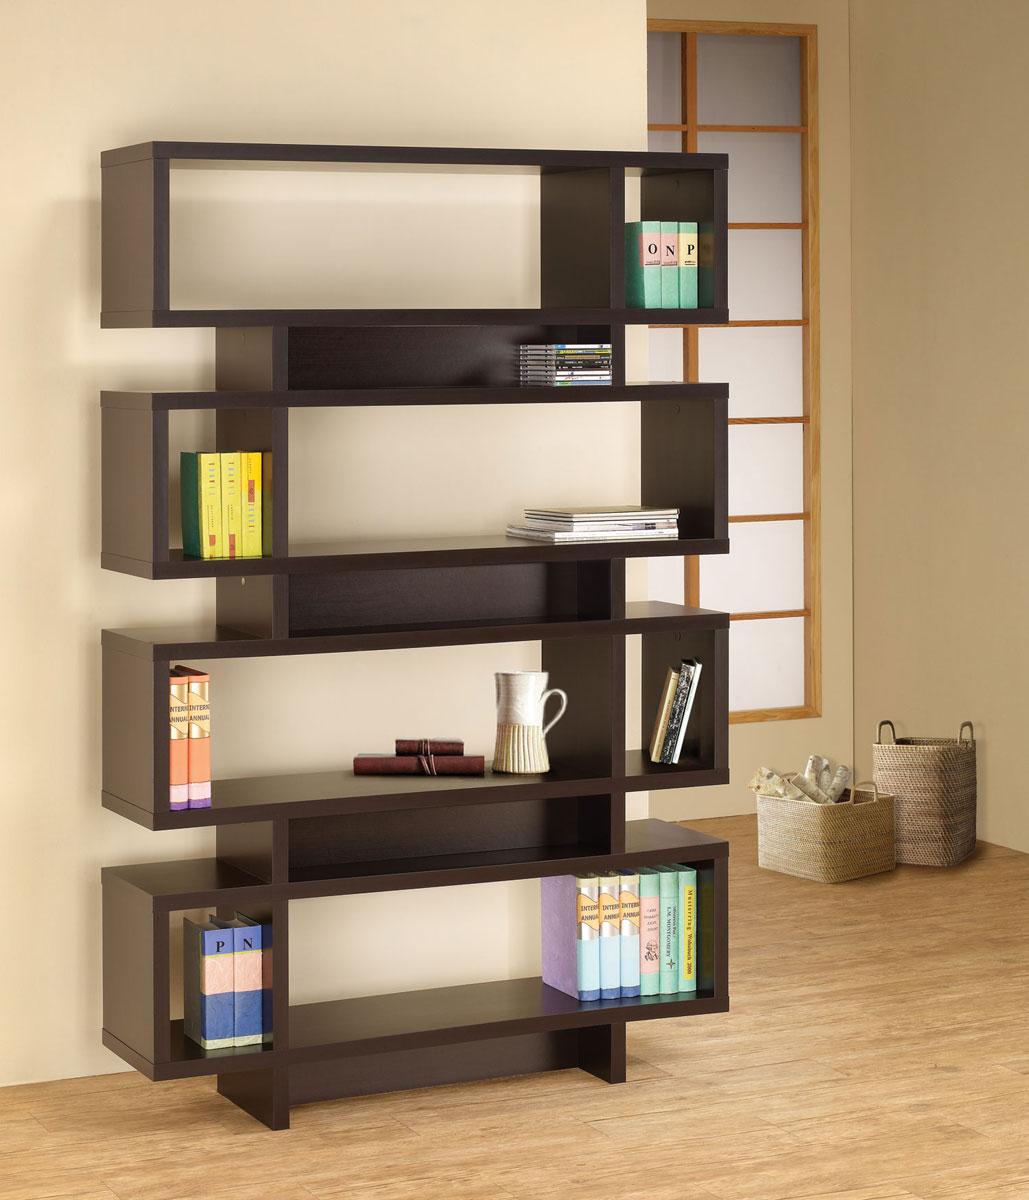 Coaster 800307 Bookcase - Cappuccino